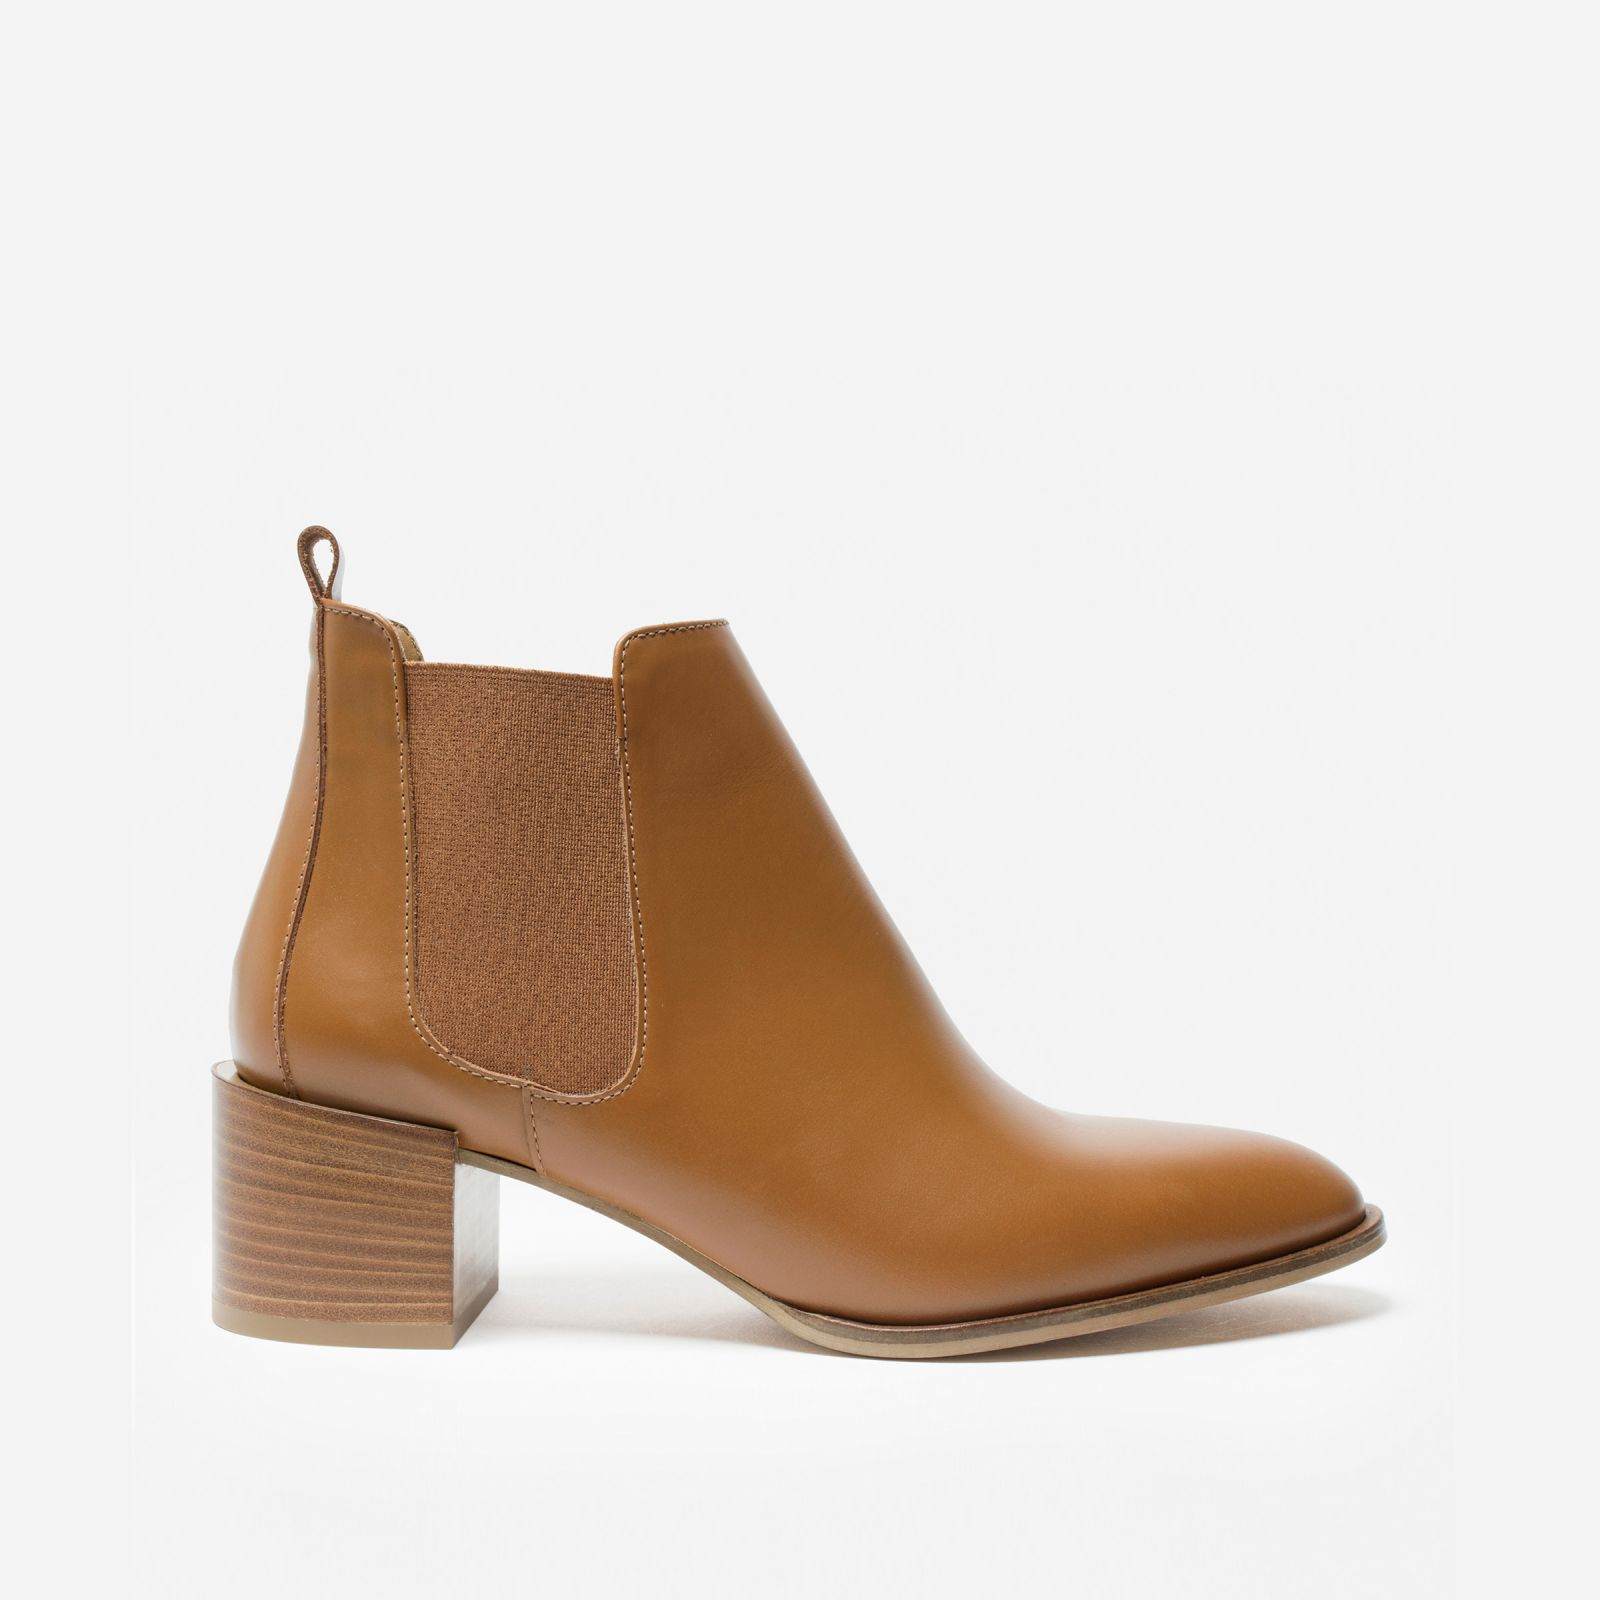 women's heeled booties by everlane in cognac, size 11